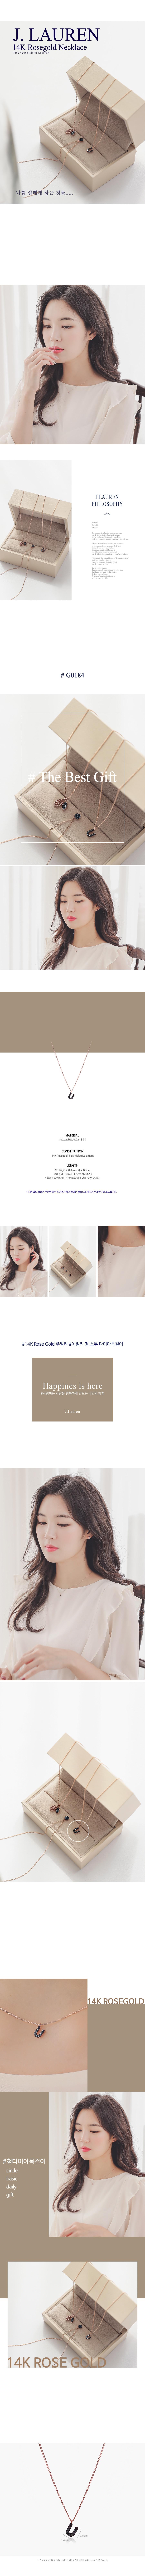 제이로렌 G0184 14K 행운의 말발굽 청다이아 목걸이 - 바이데이지, 246,000원, 골드, 14K/18K